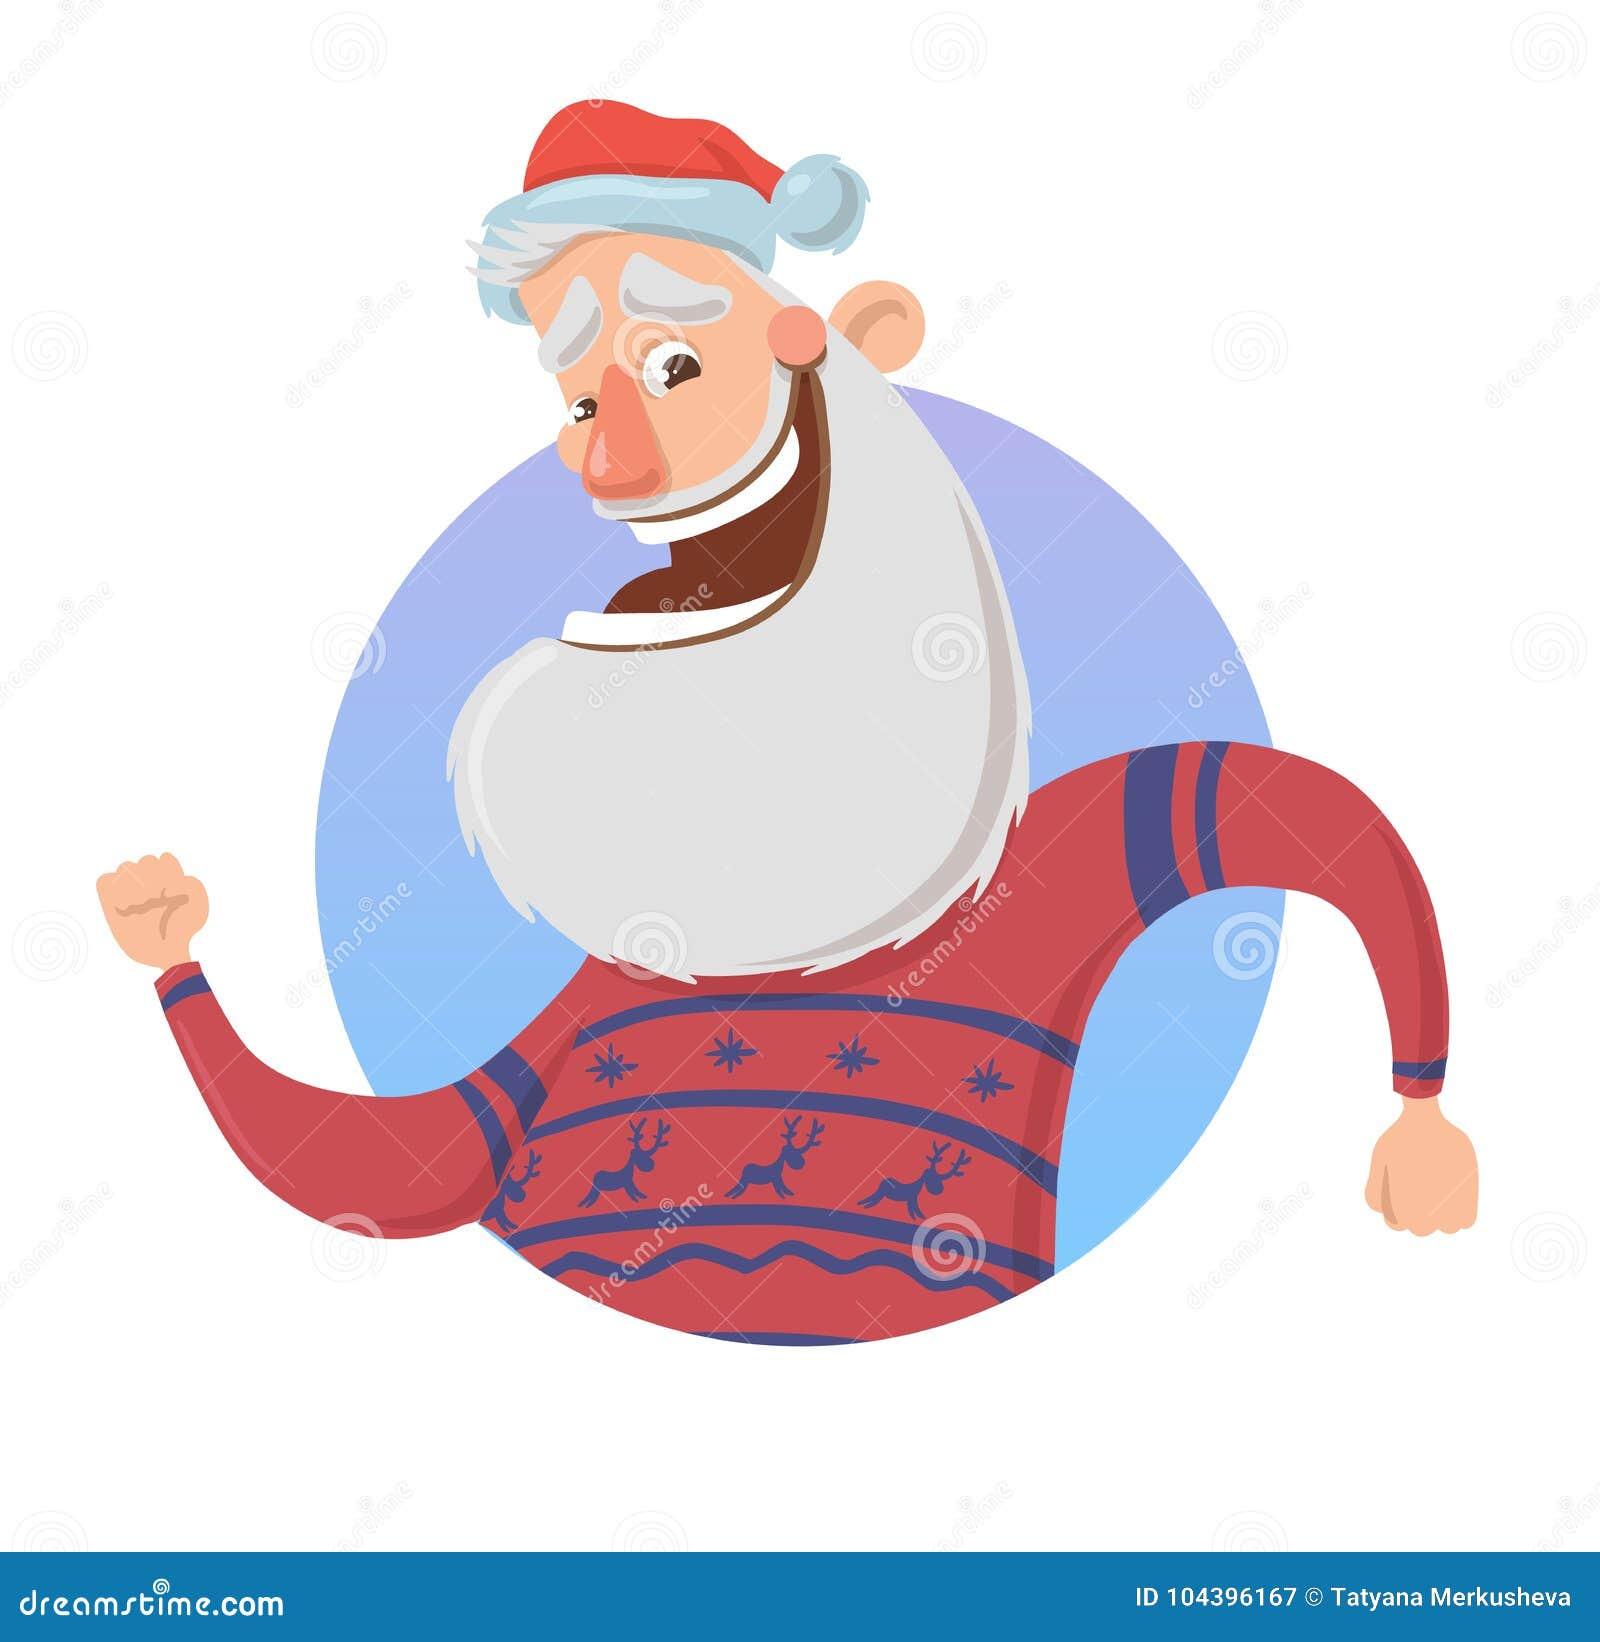 Поздравительная открытка рождества с смешной рукой Санта Клауса усмехаясь и развевая Санта в волнах свитера оленей здравствуйте!